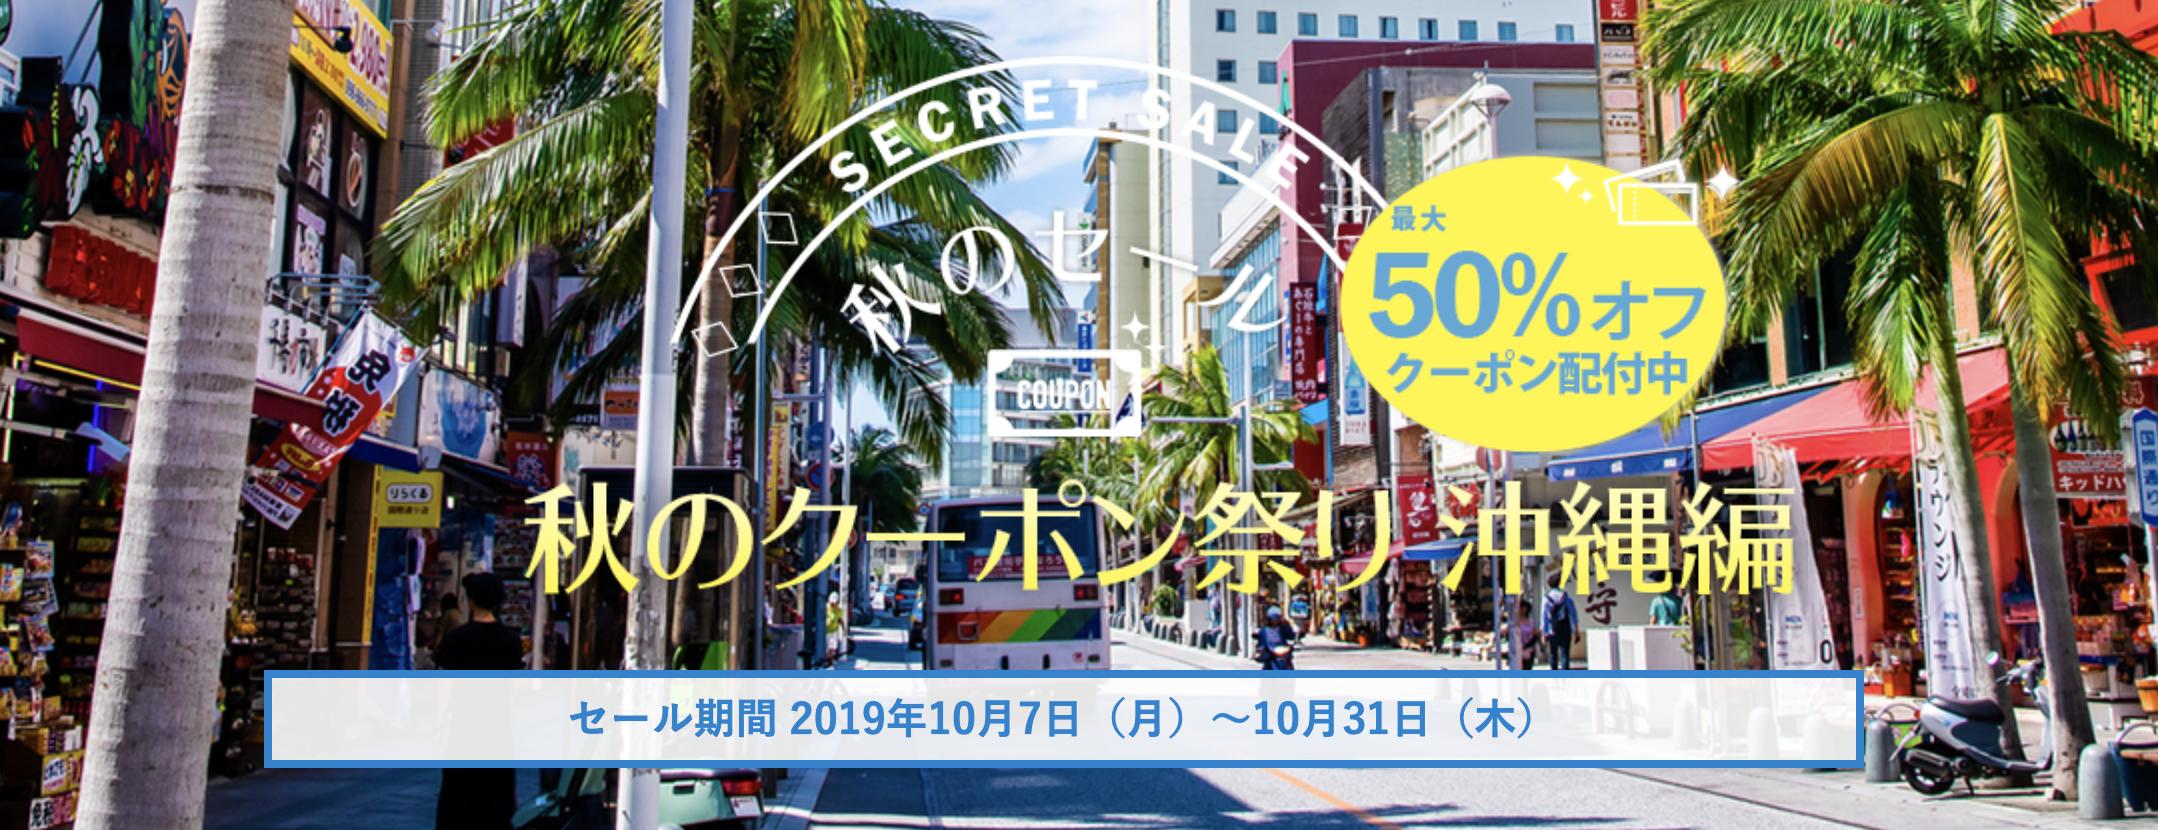 マイナビトラベルの沖縄のホテル・宿予約が最大7,500円割引クーポン